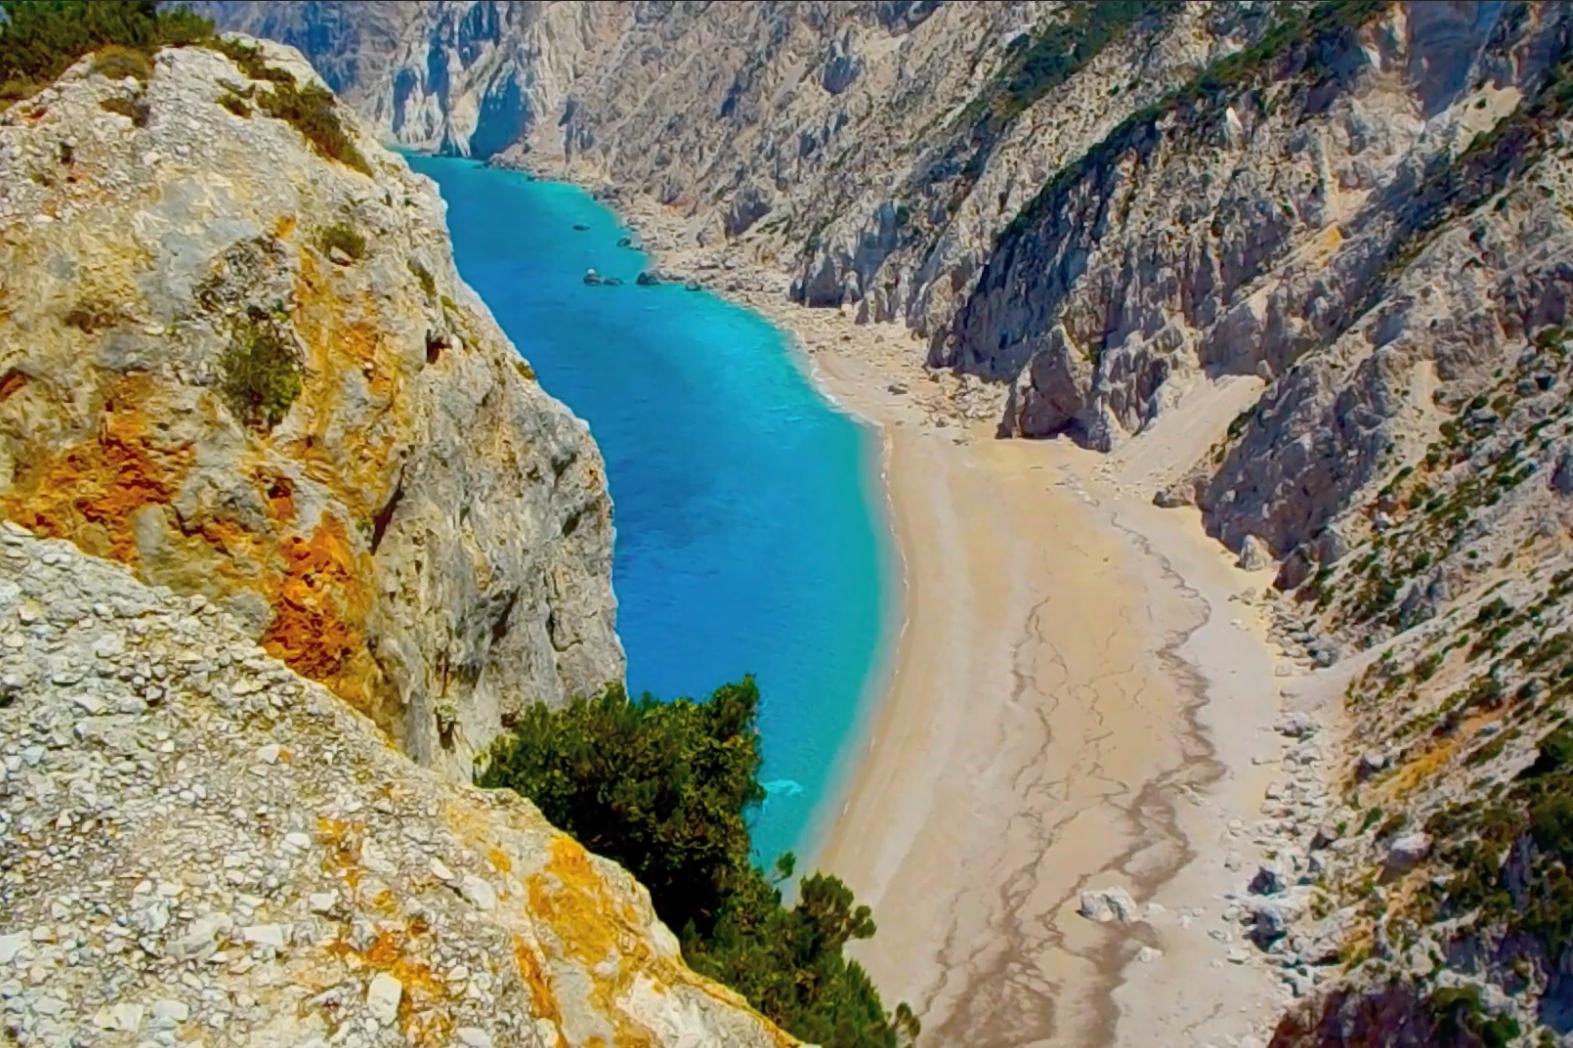 Παραλίες-όνειρο, μείωση τιμών:  Γιατί το Ληξούρι είναι ο νούμερο ένα Covid-free προορισμός στην Ελλάδα  για φέτος το καλοκαίρι